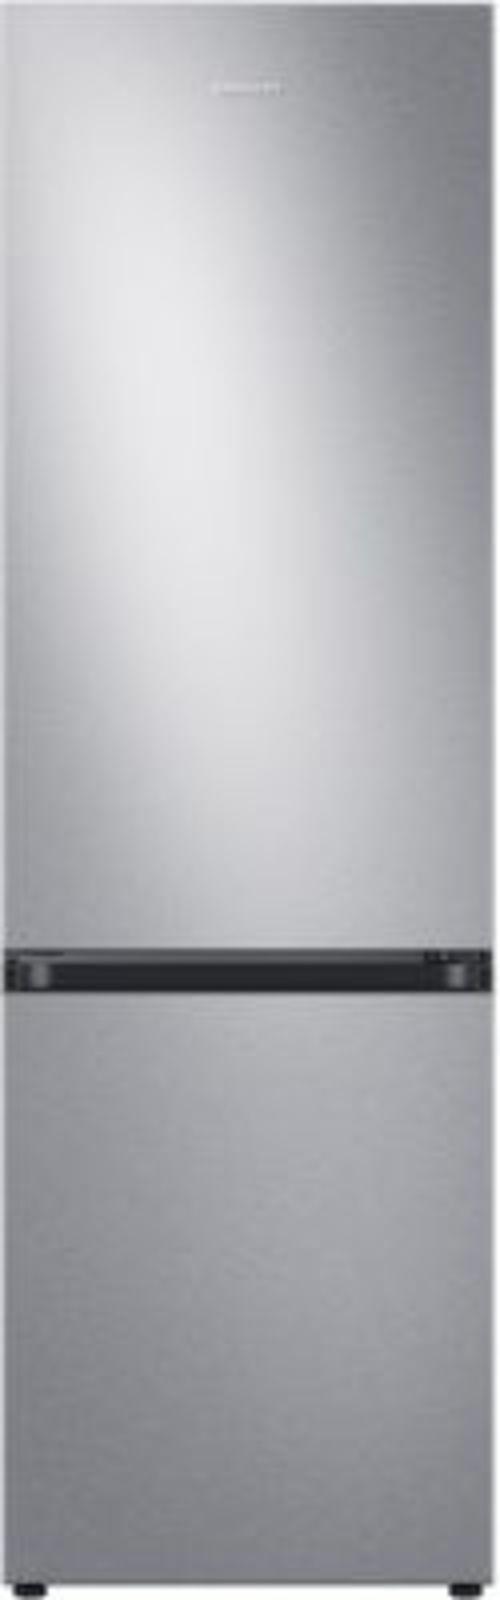 Réfrigérateurs congélateurs (combinés et 2 portes) - Samsung RB36T602CSA (Inox)